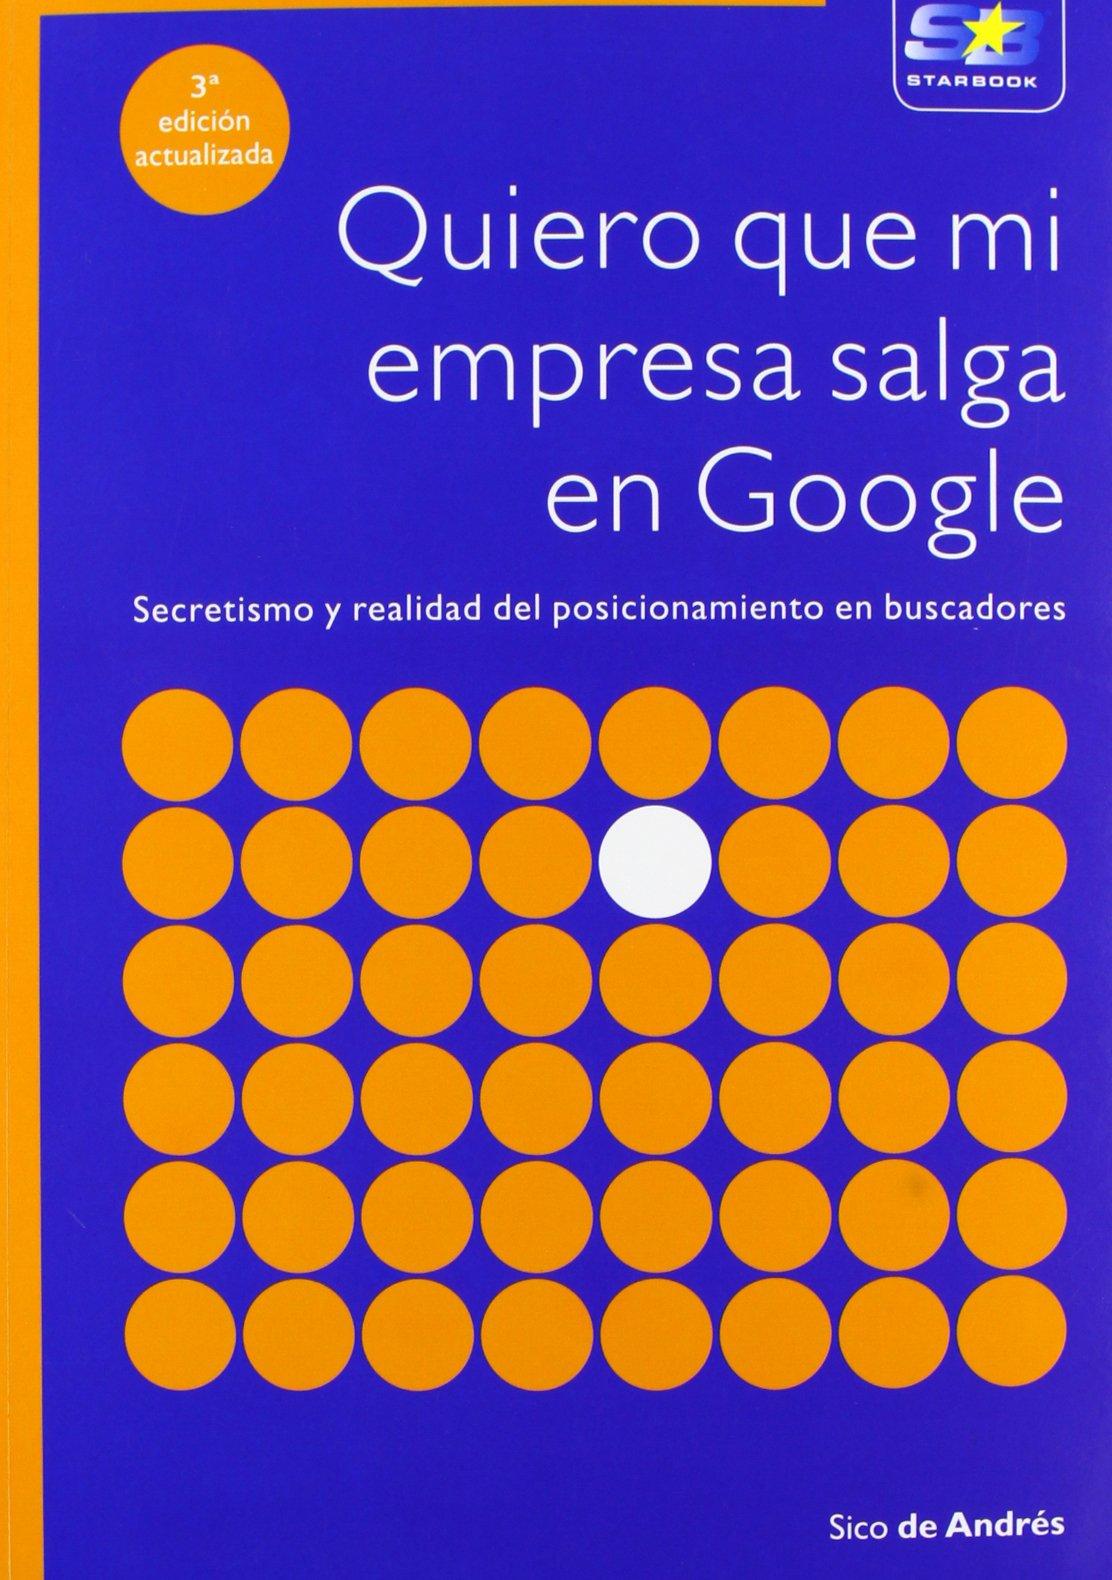 Quiero que mi empresa salga en Google